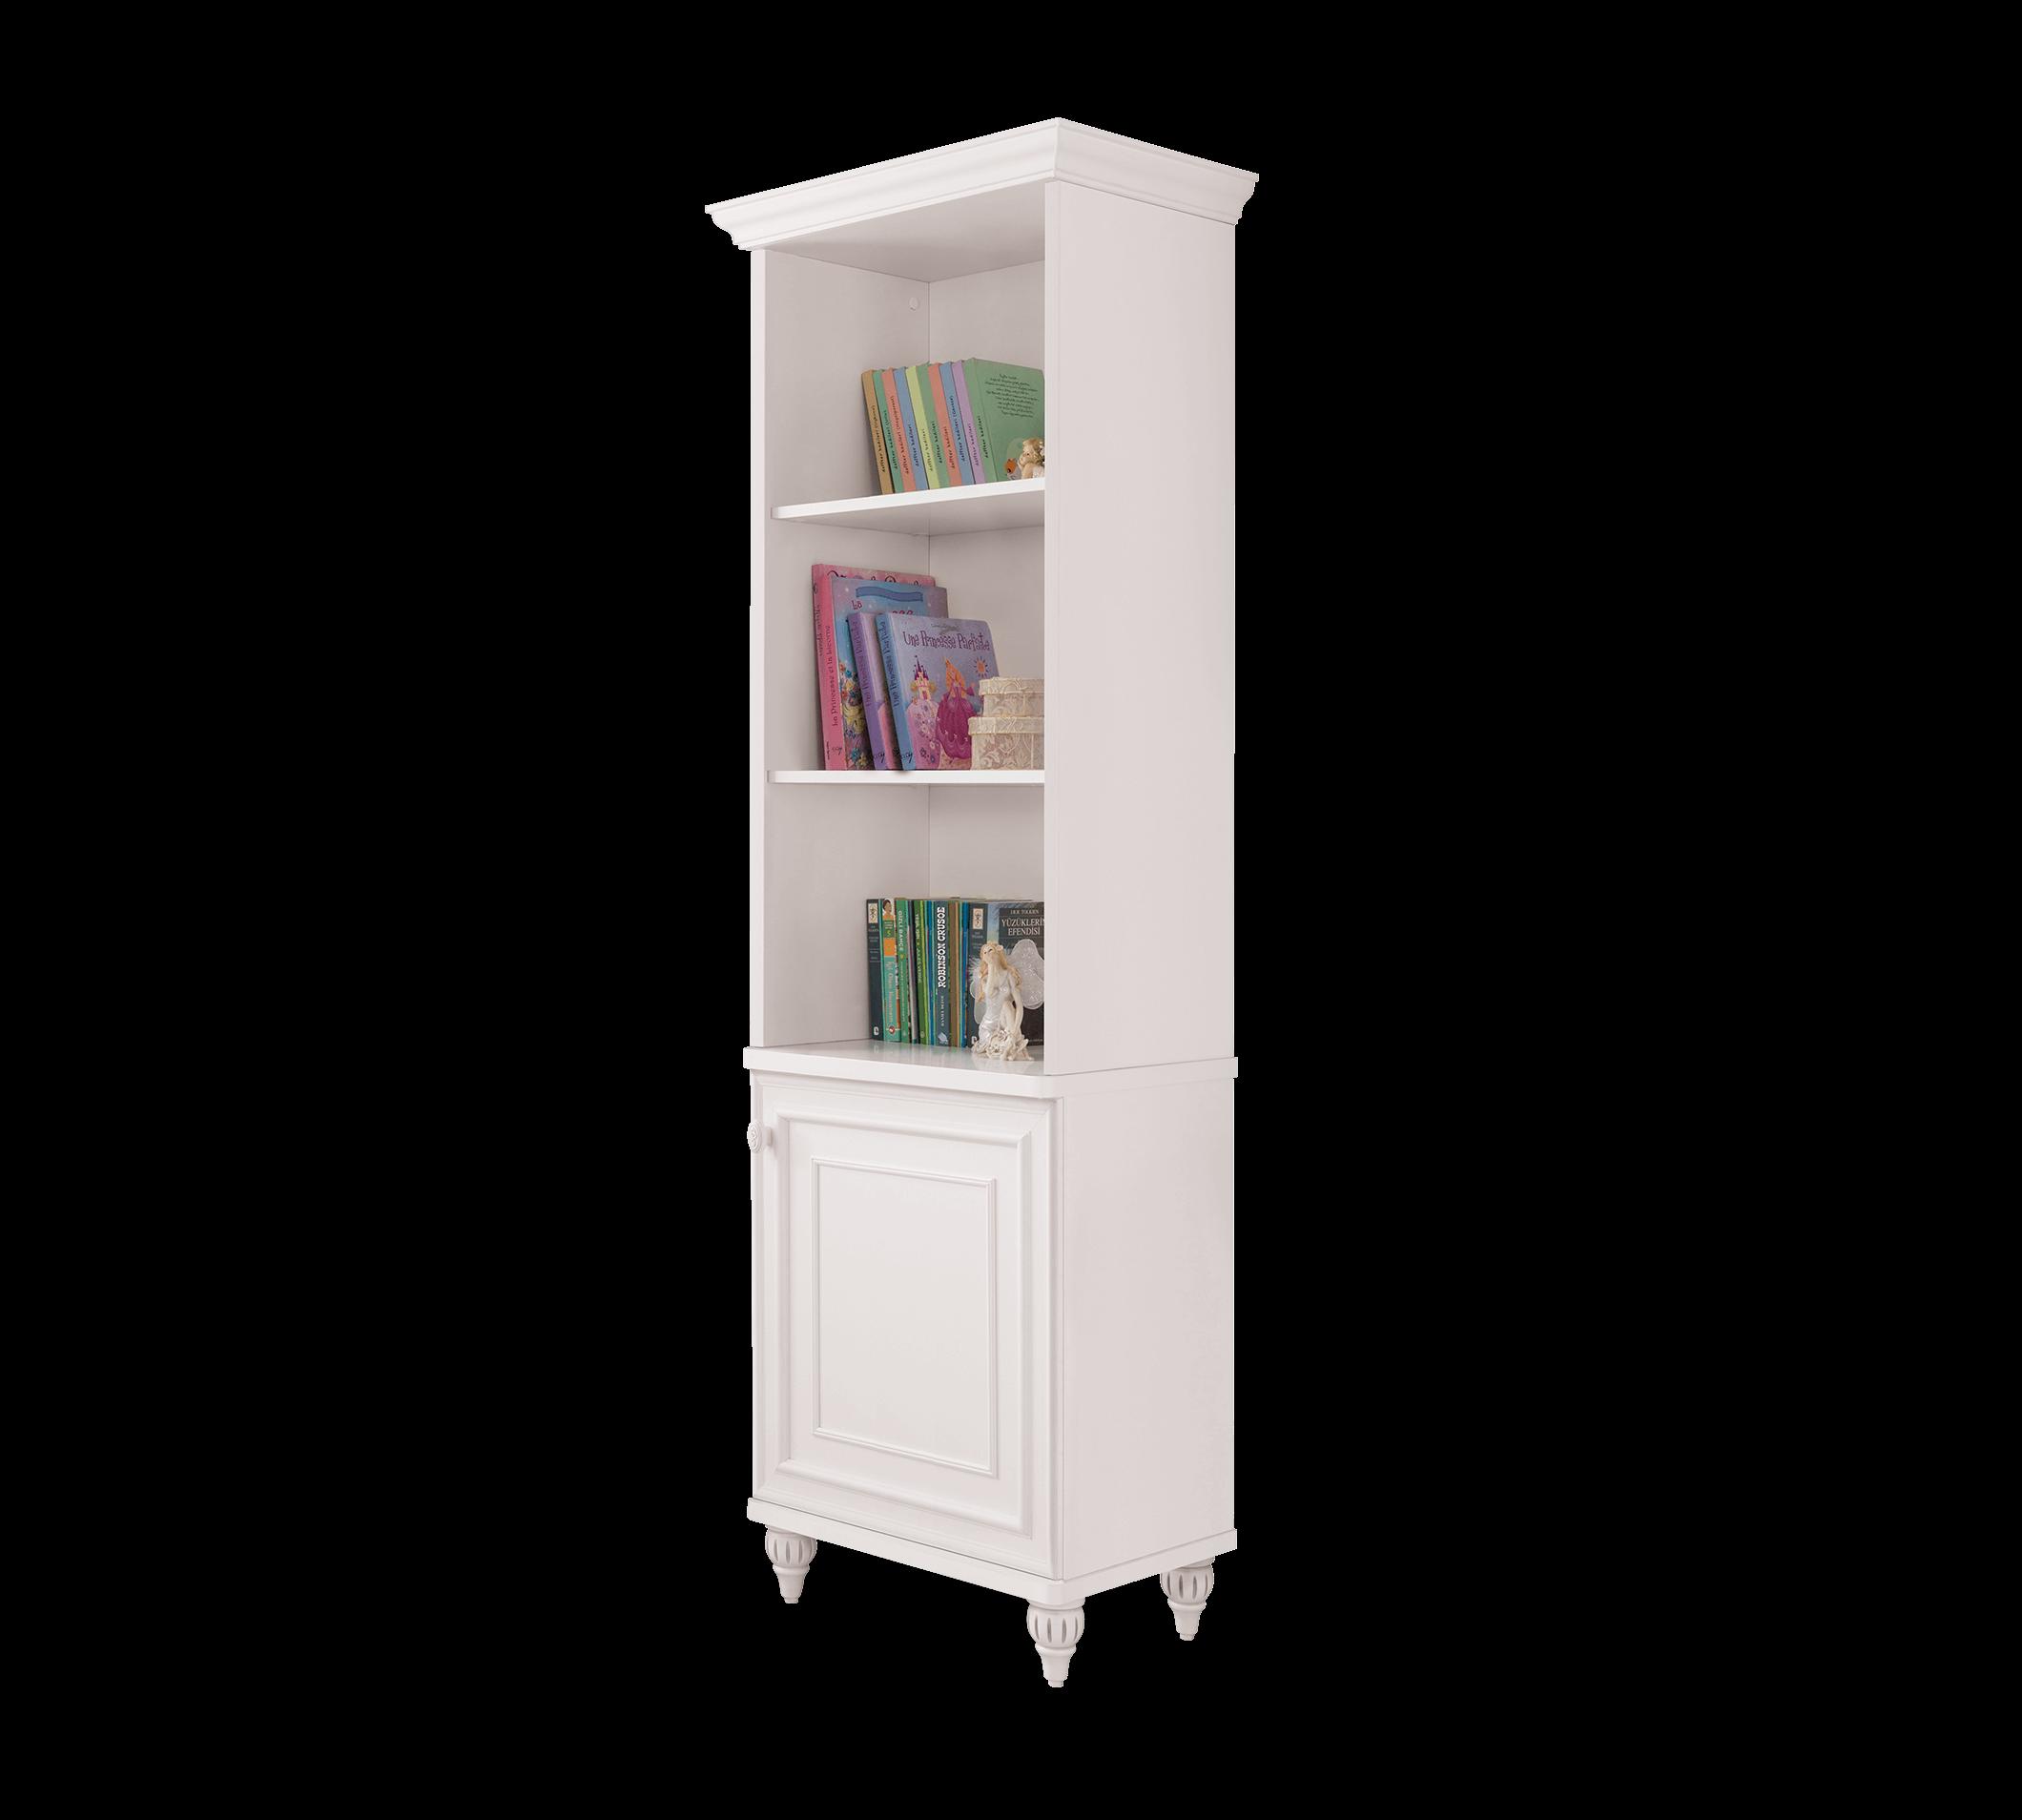 Biblioteca din pal cu 1 usa, pentru copii si tineret Romantica White, l52xA42xH185 cm imagine